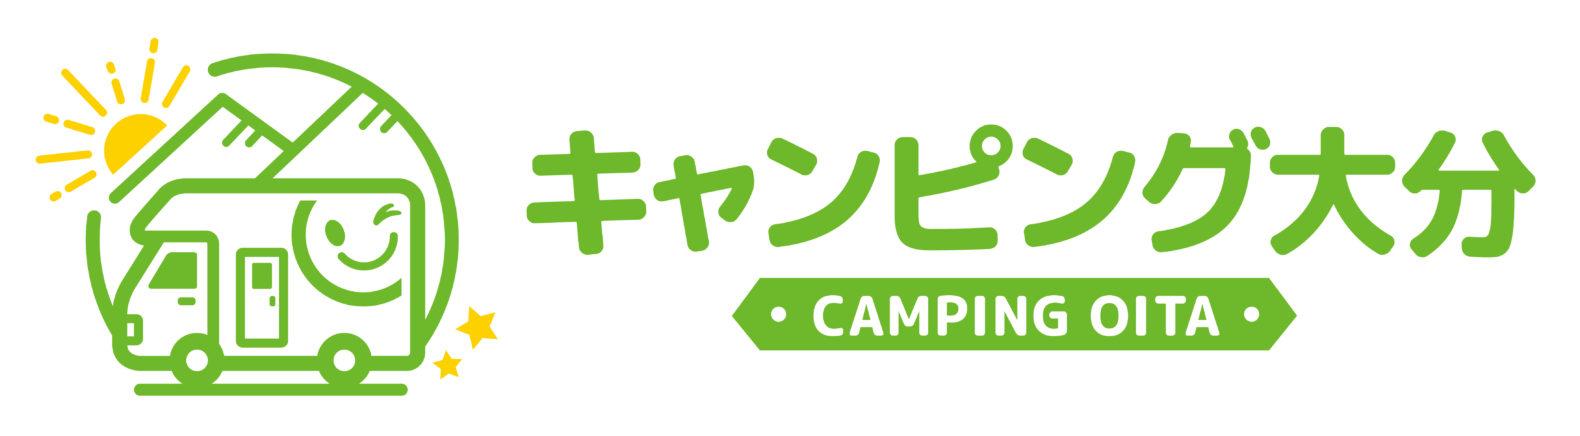 キャンピング大分 公式サイト